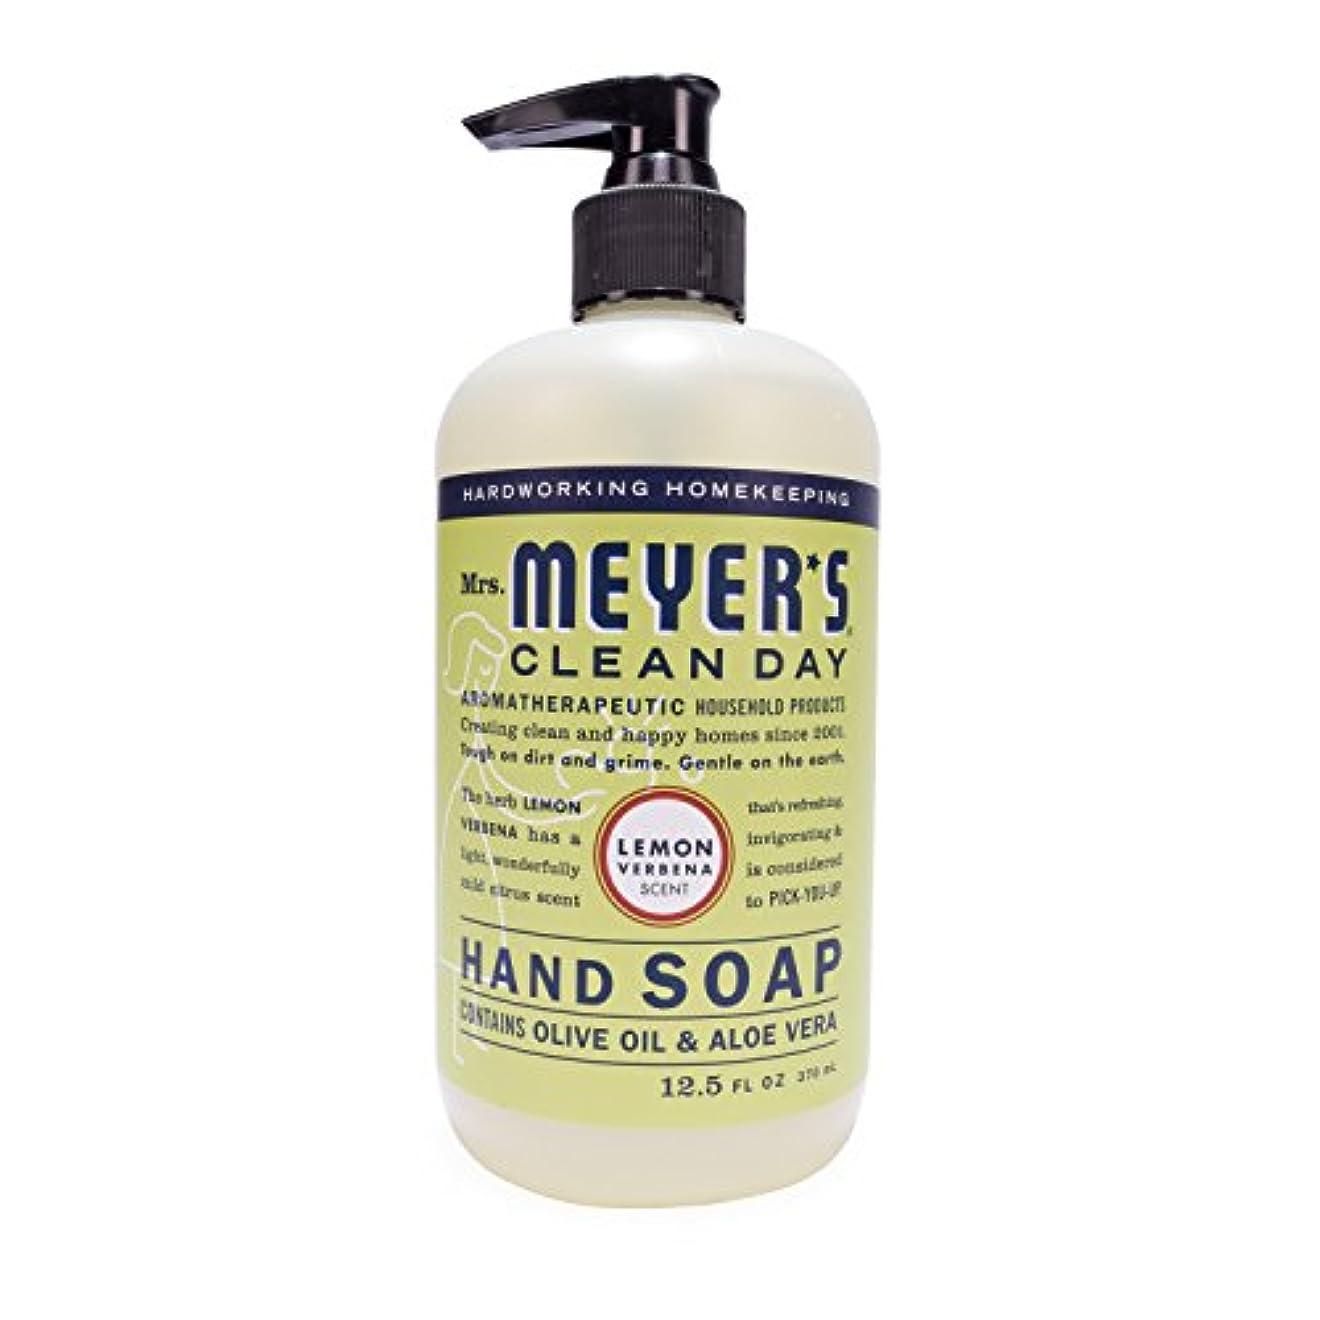 シーン幻影やりがいのあるMrs. Meyer's Hand Soap Lemon Verbena, 12.5 Fluid Ounce (Pack of 3) by Mrs. Meyer's Clean Day